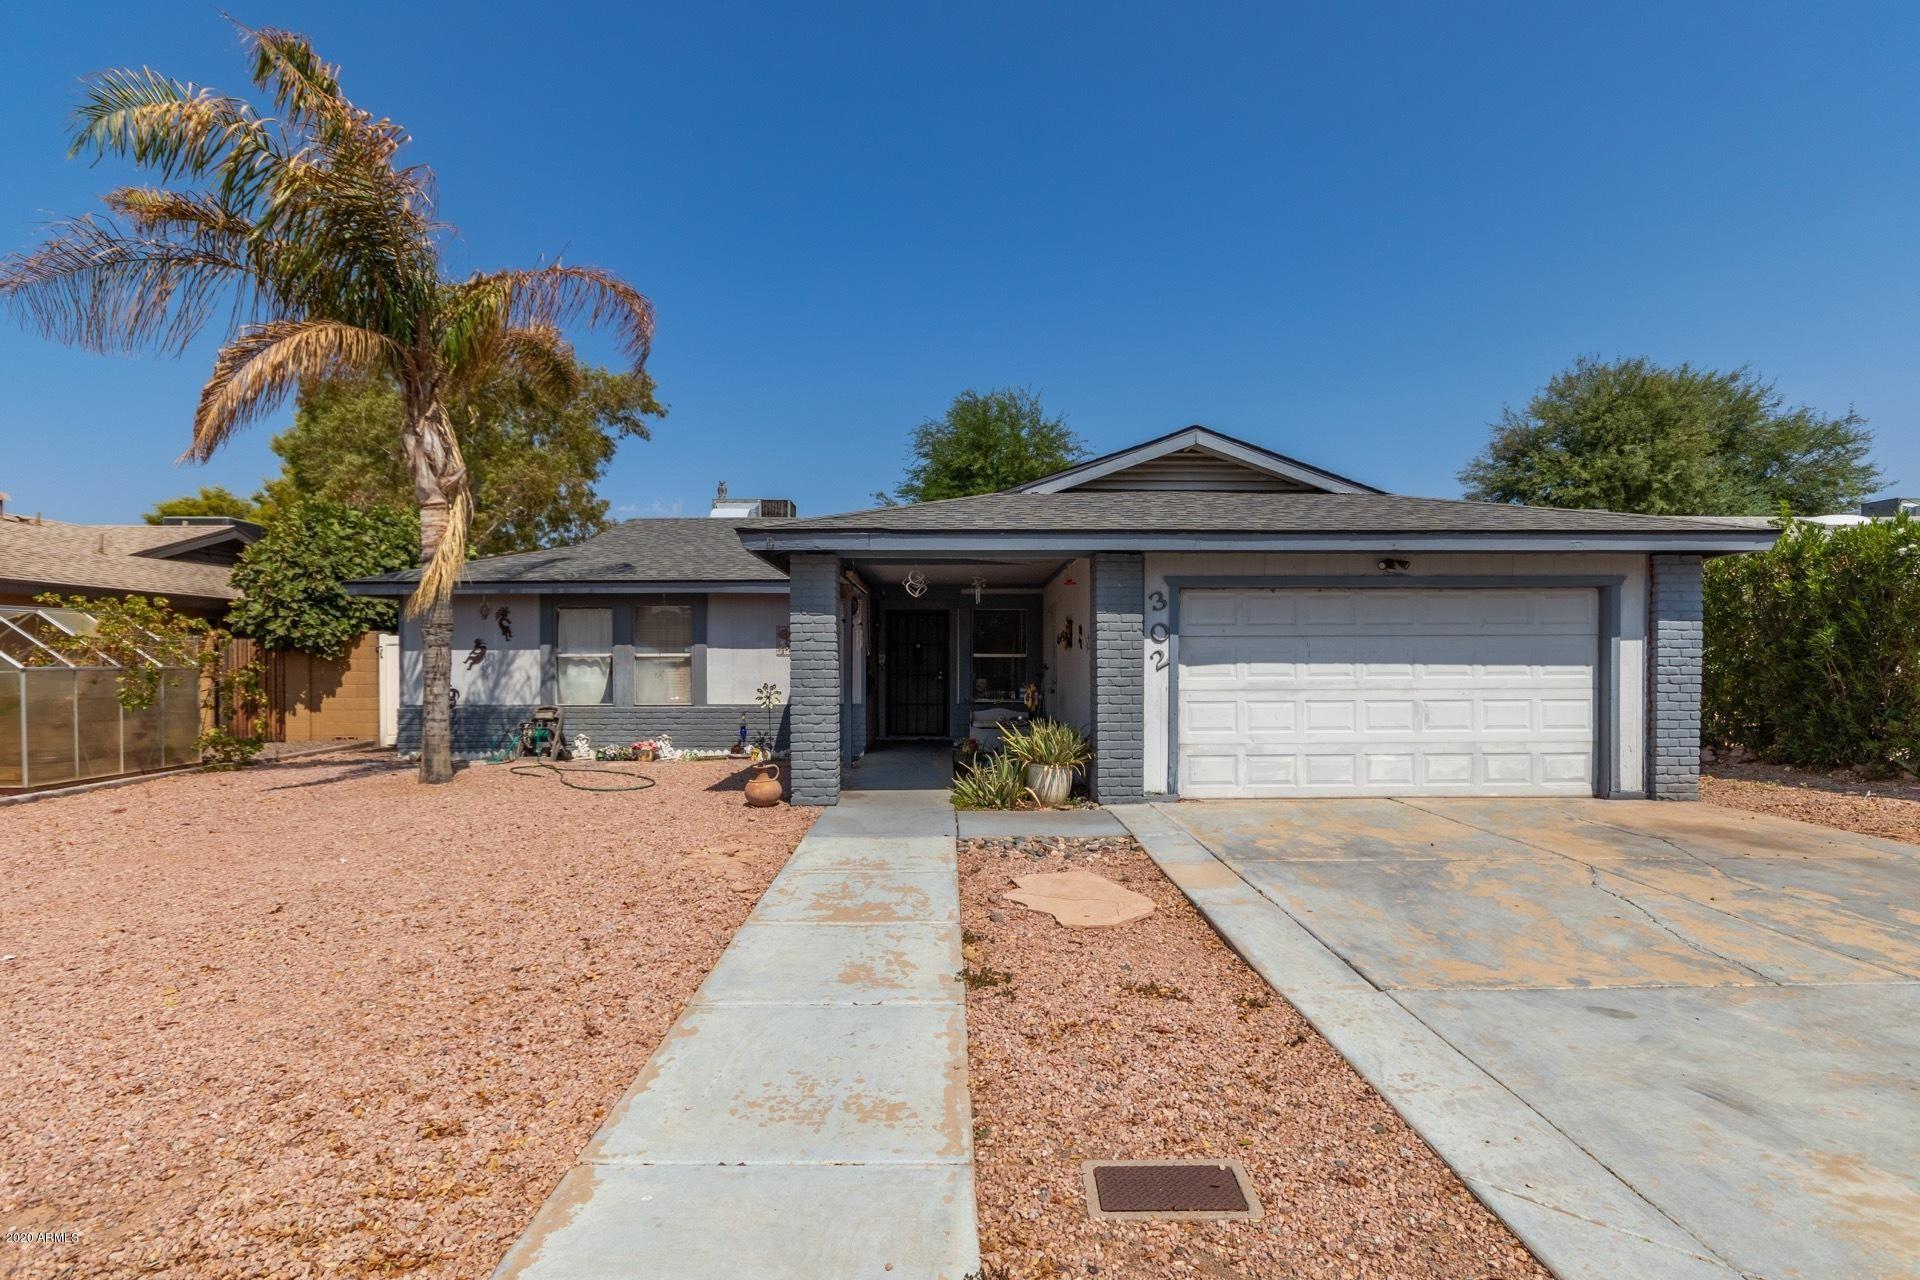 302 W TOPEKA Drive, Phoenix, AZ 85027 - MLS#: 6132539